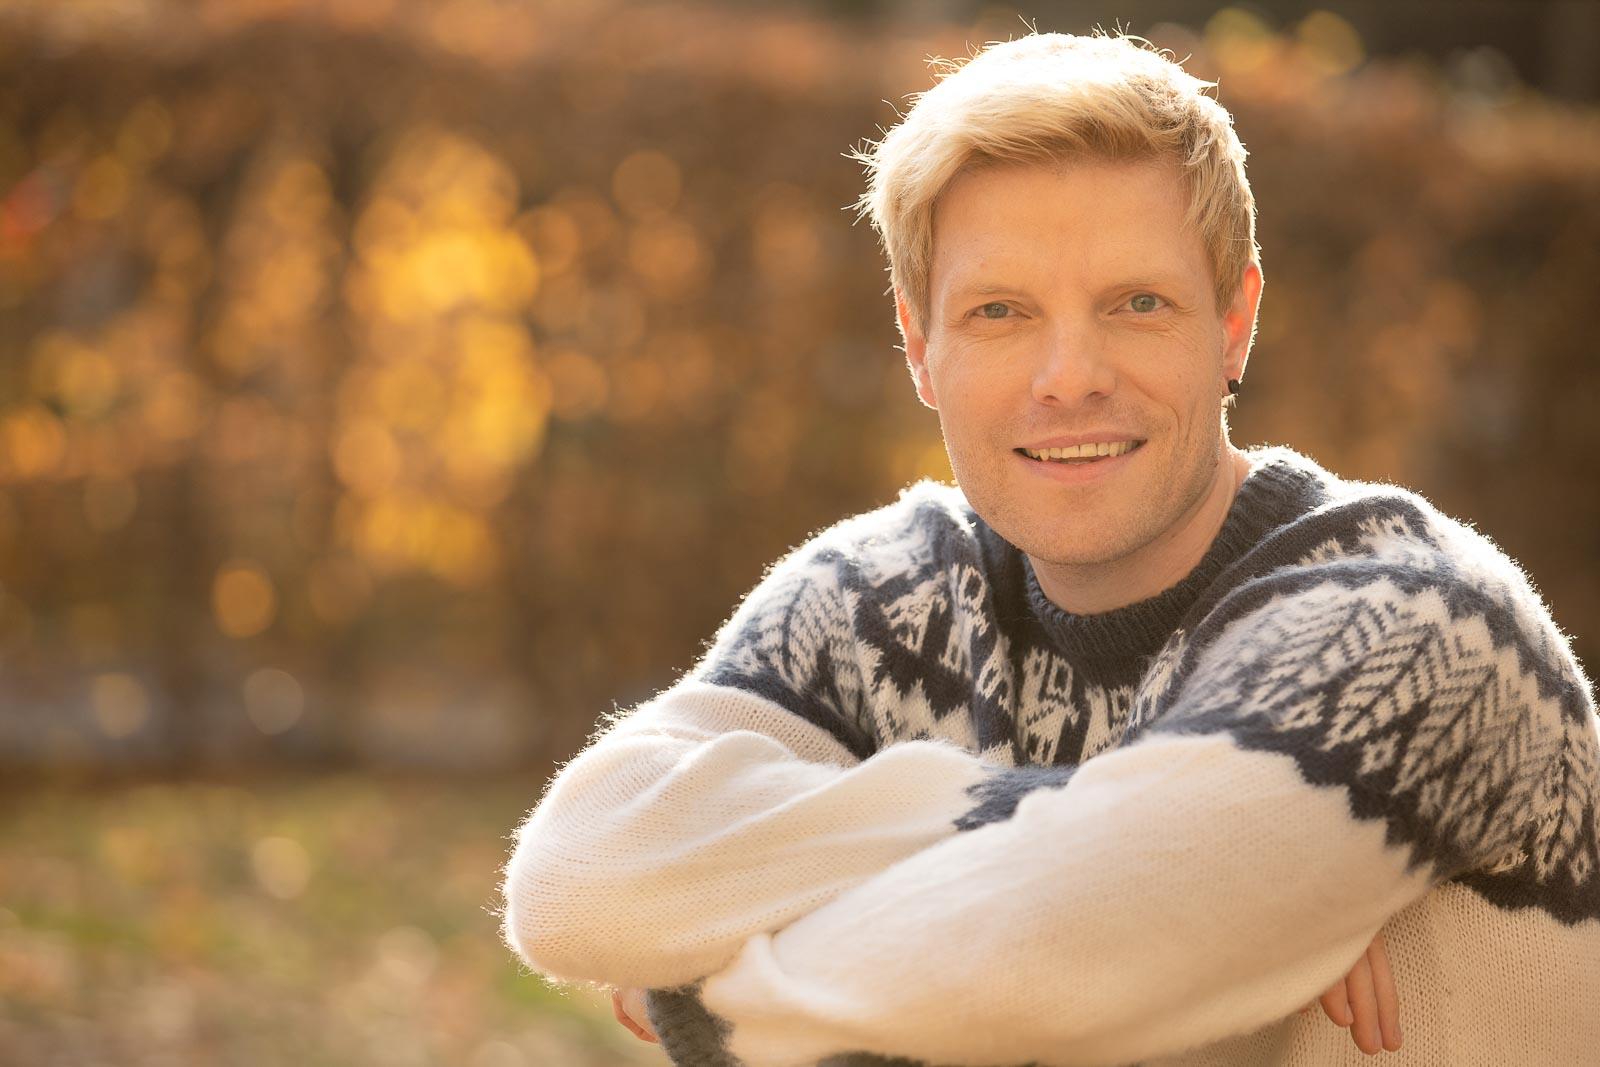 Dating-Foto eines lächelnden jungen blonden Mannes in einem warmen, hellen Strickpullover vor herbstlichem Hintergrund